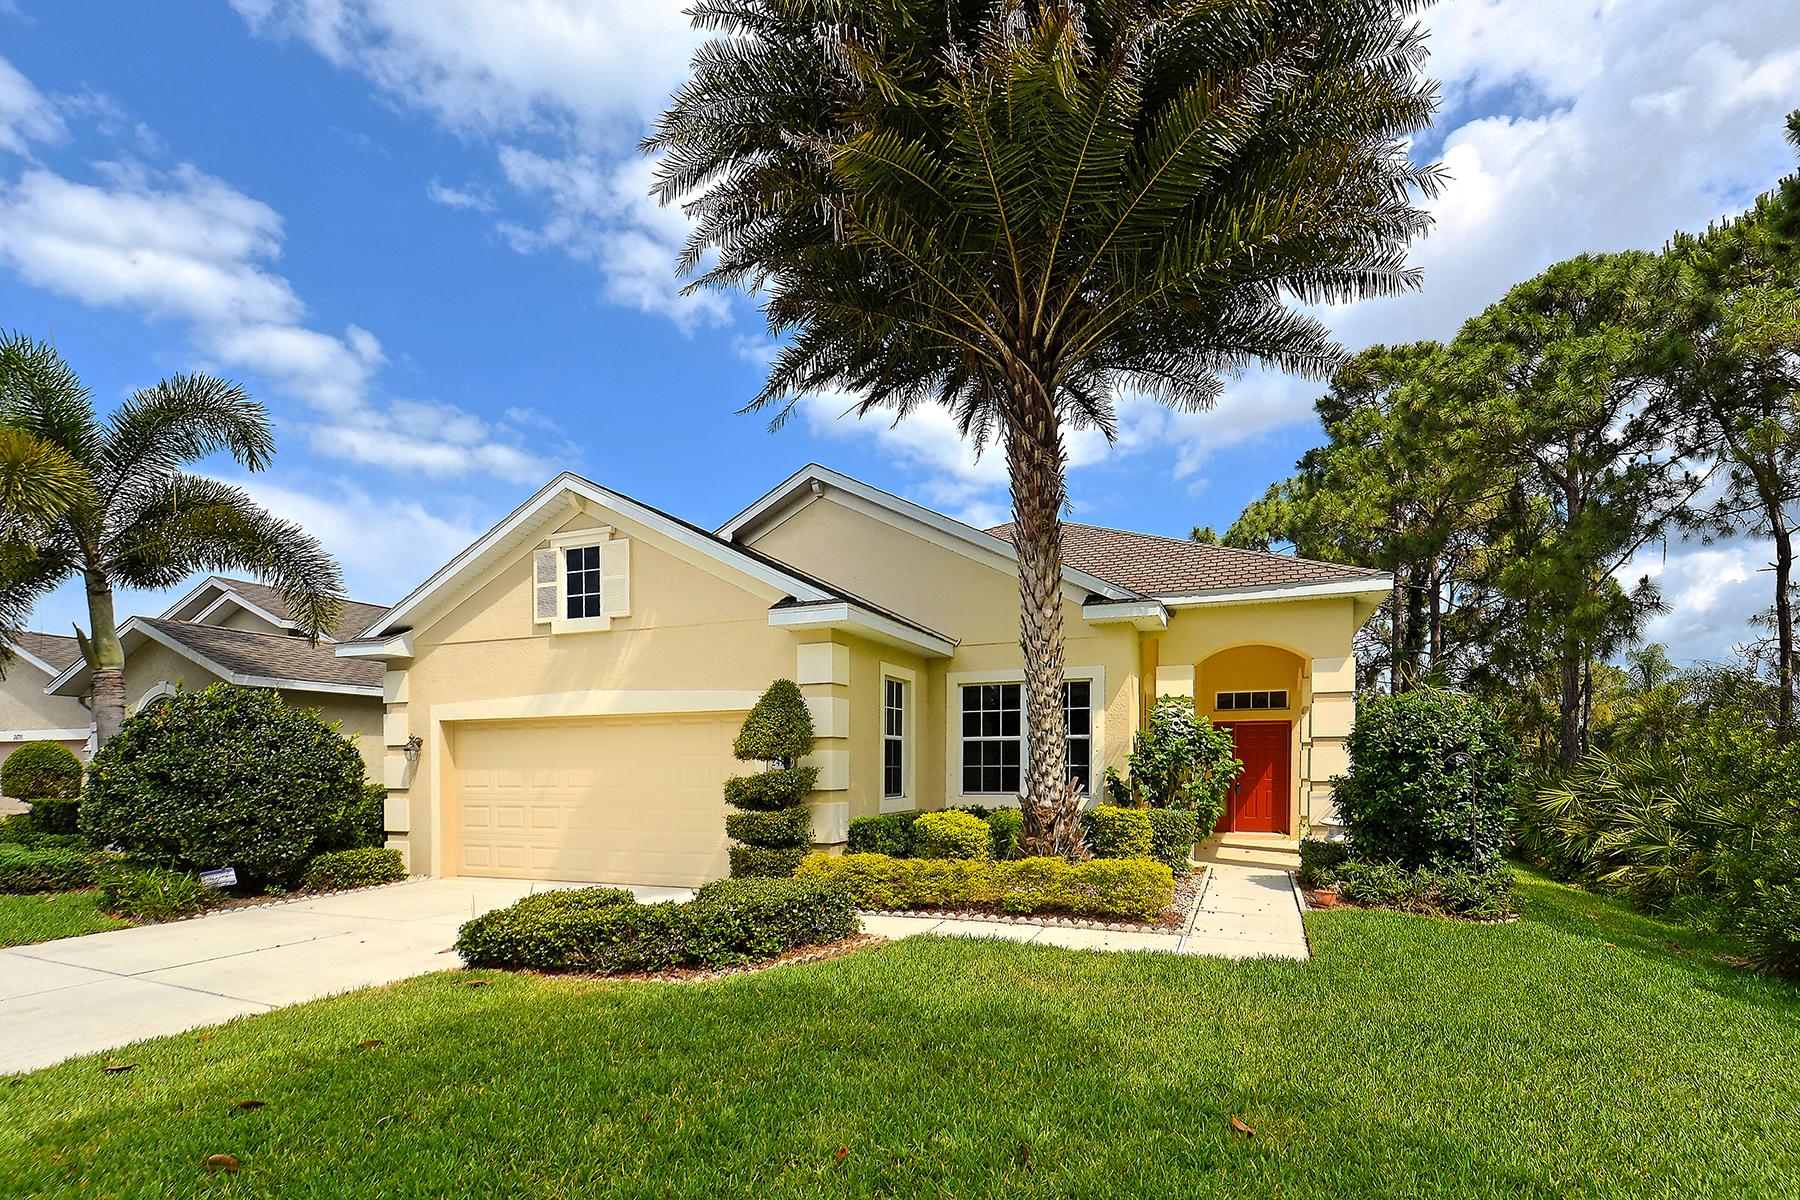 Einfamilienhaus für Verkauf beim PENNINGTON PLACE 24789 Pennington Terr Venice, Florida, 34293 Vereinigte Staaten